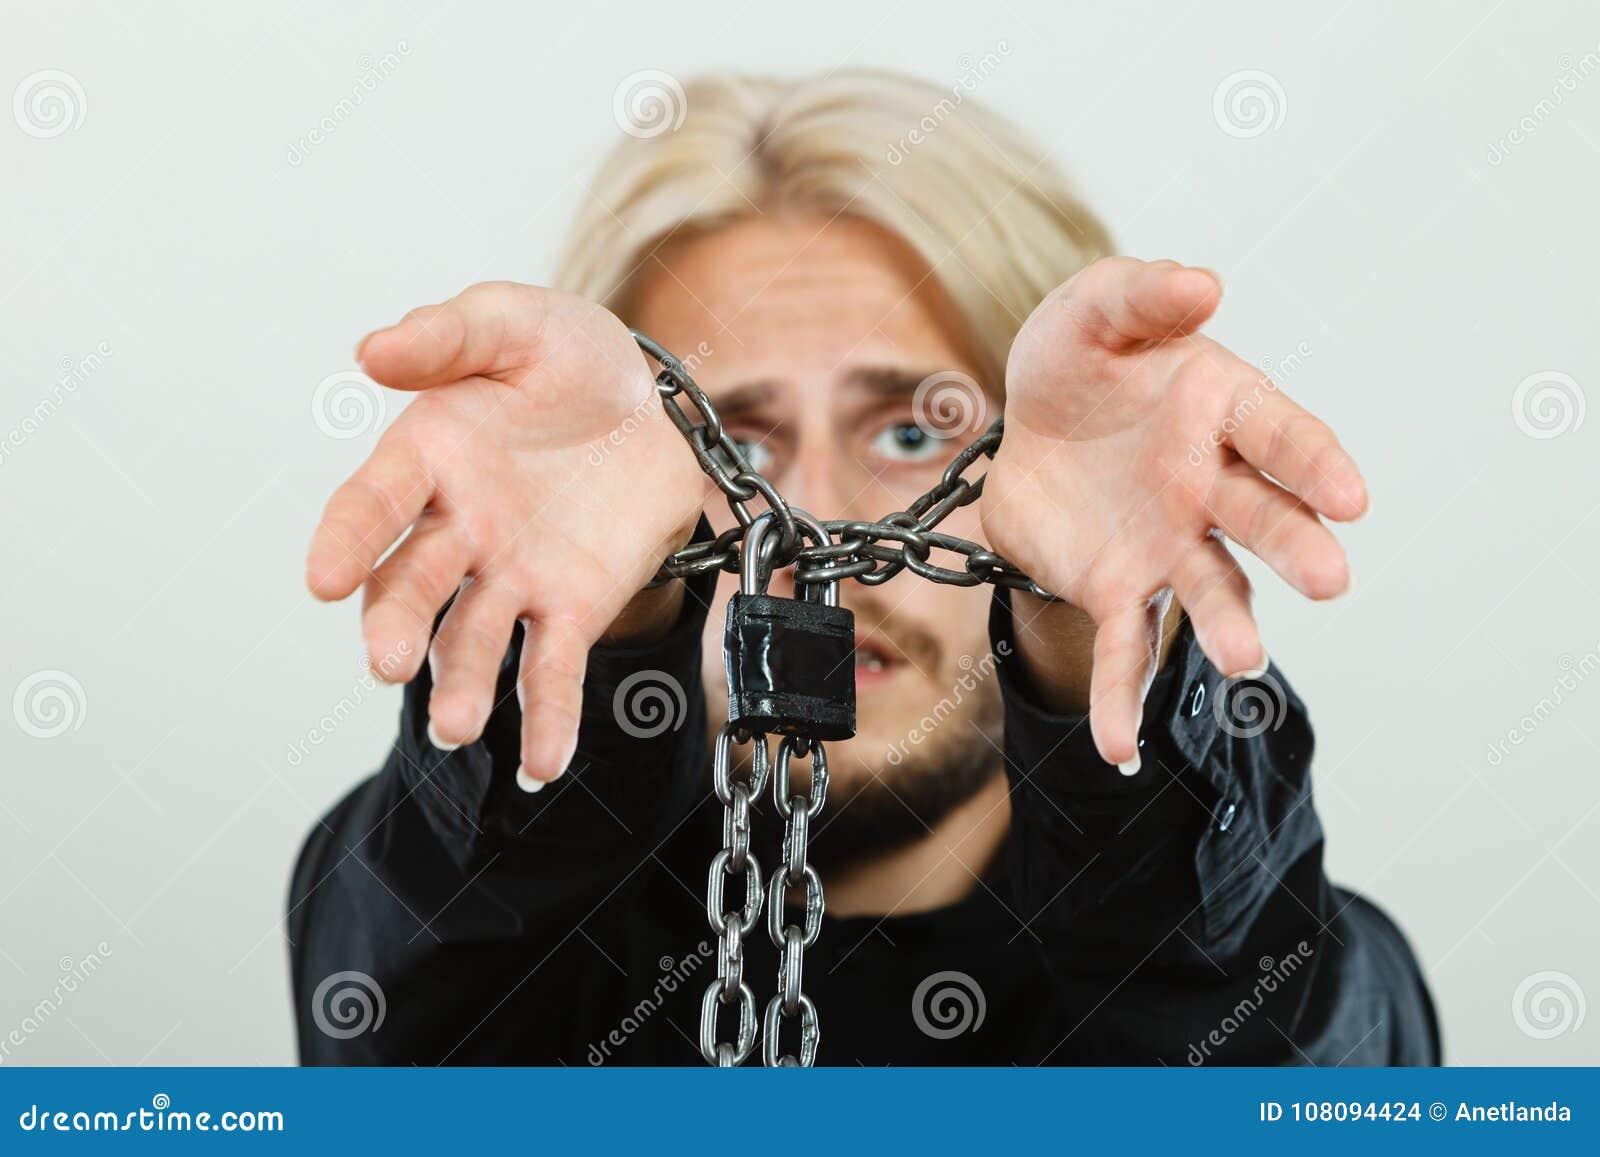 Homem triste com mãos acorrentadas, nenhuma liberdade